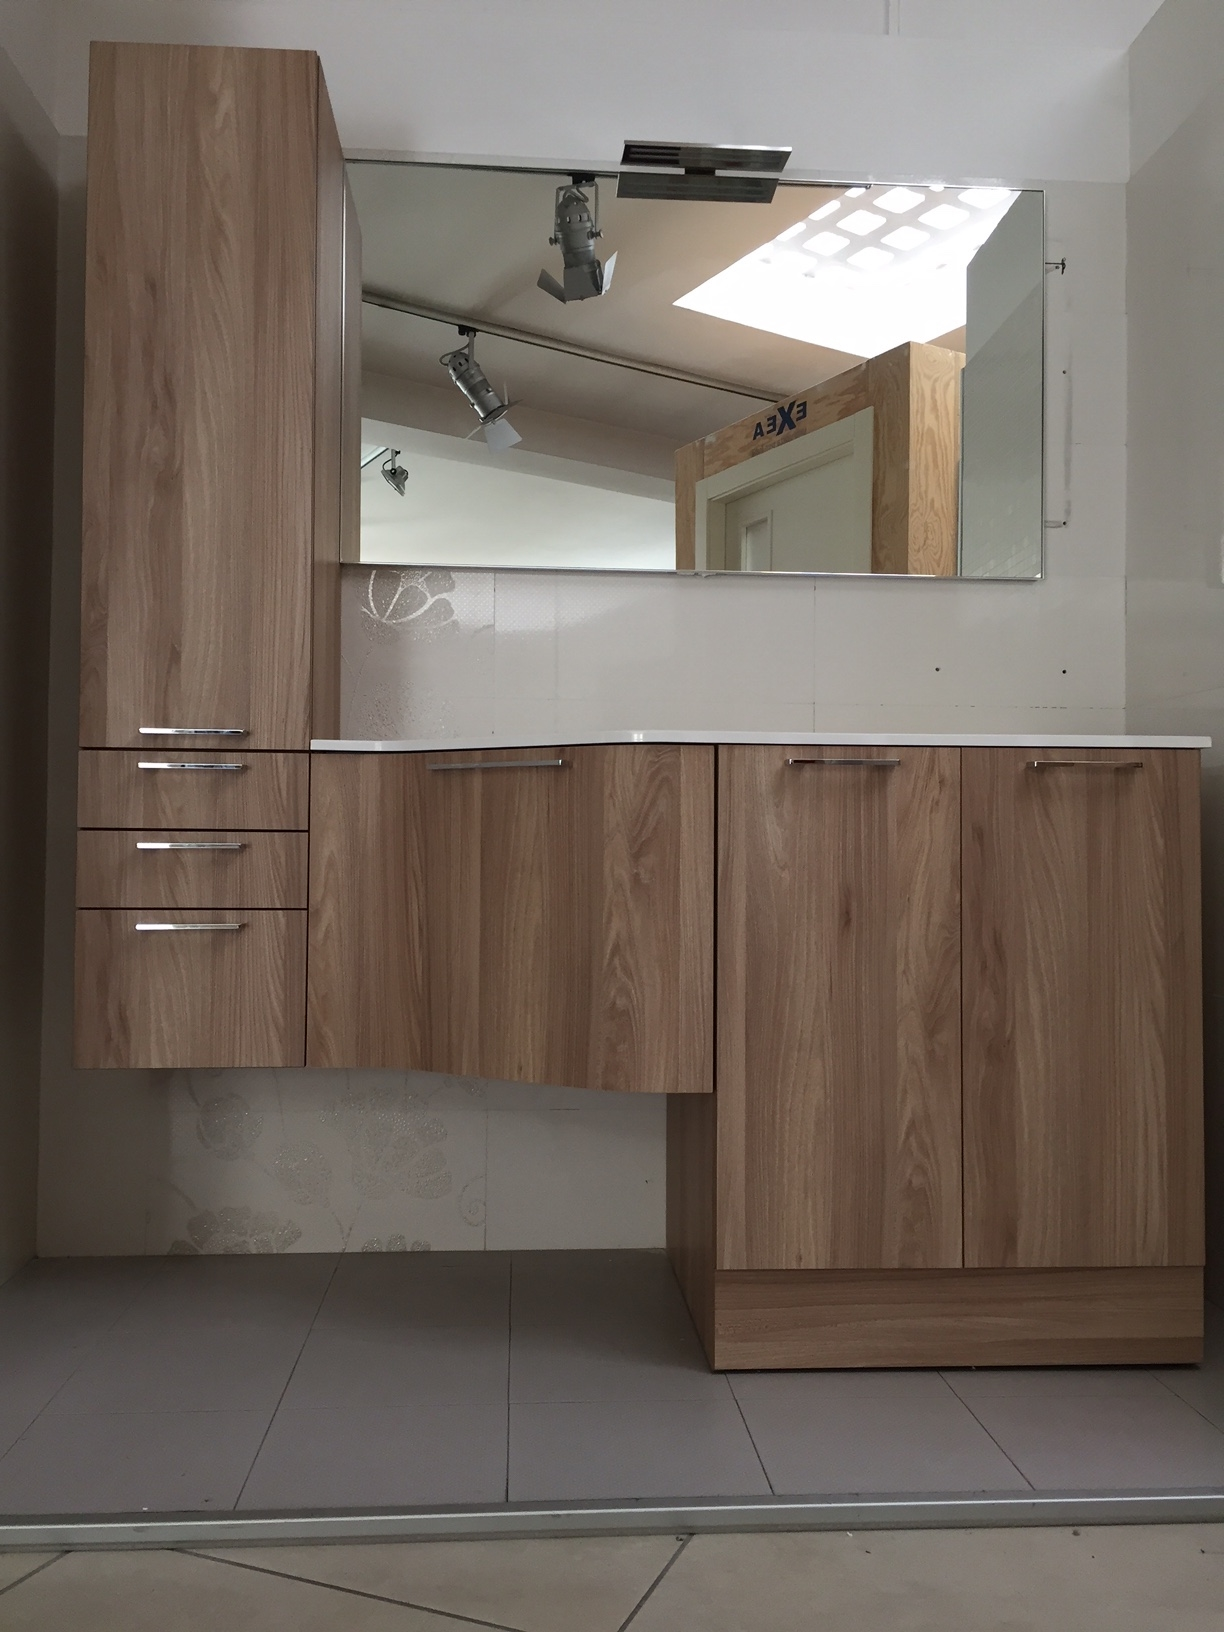 mobile bagno lavanderia arbi a prezzi scontati - arredo bagno a ... - Arbi Arredo Bagno Prezzi